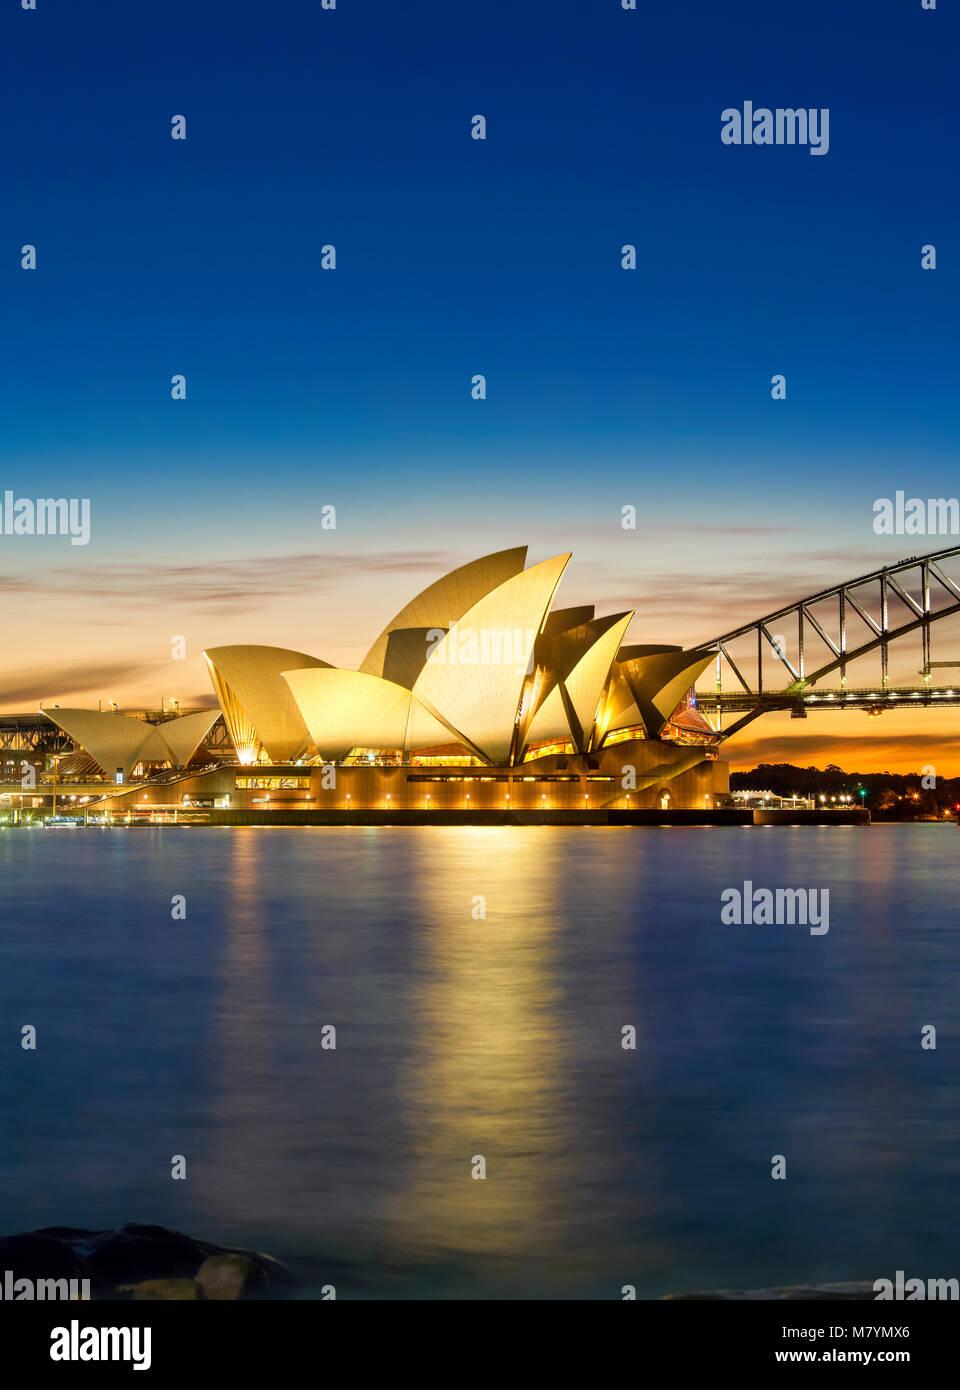 Sydney Opera House di Sydney Harbour Bridge, il Ponte del Porto di Sydney al Tramonto Sydney Australia Nuovo Galles del Sud. Foto Stock